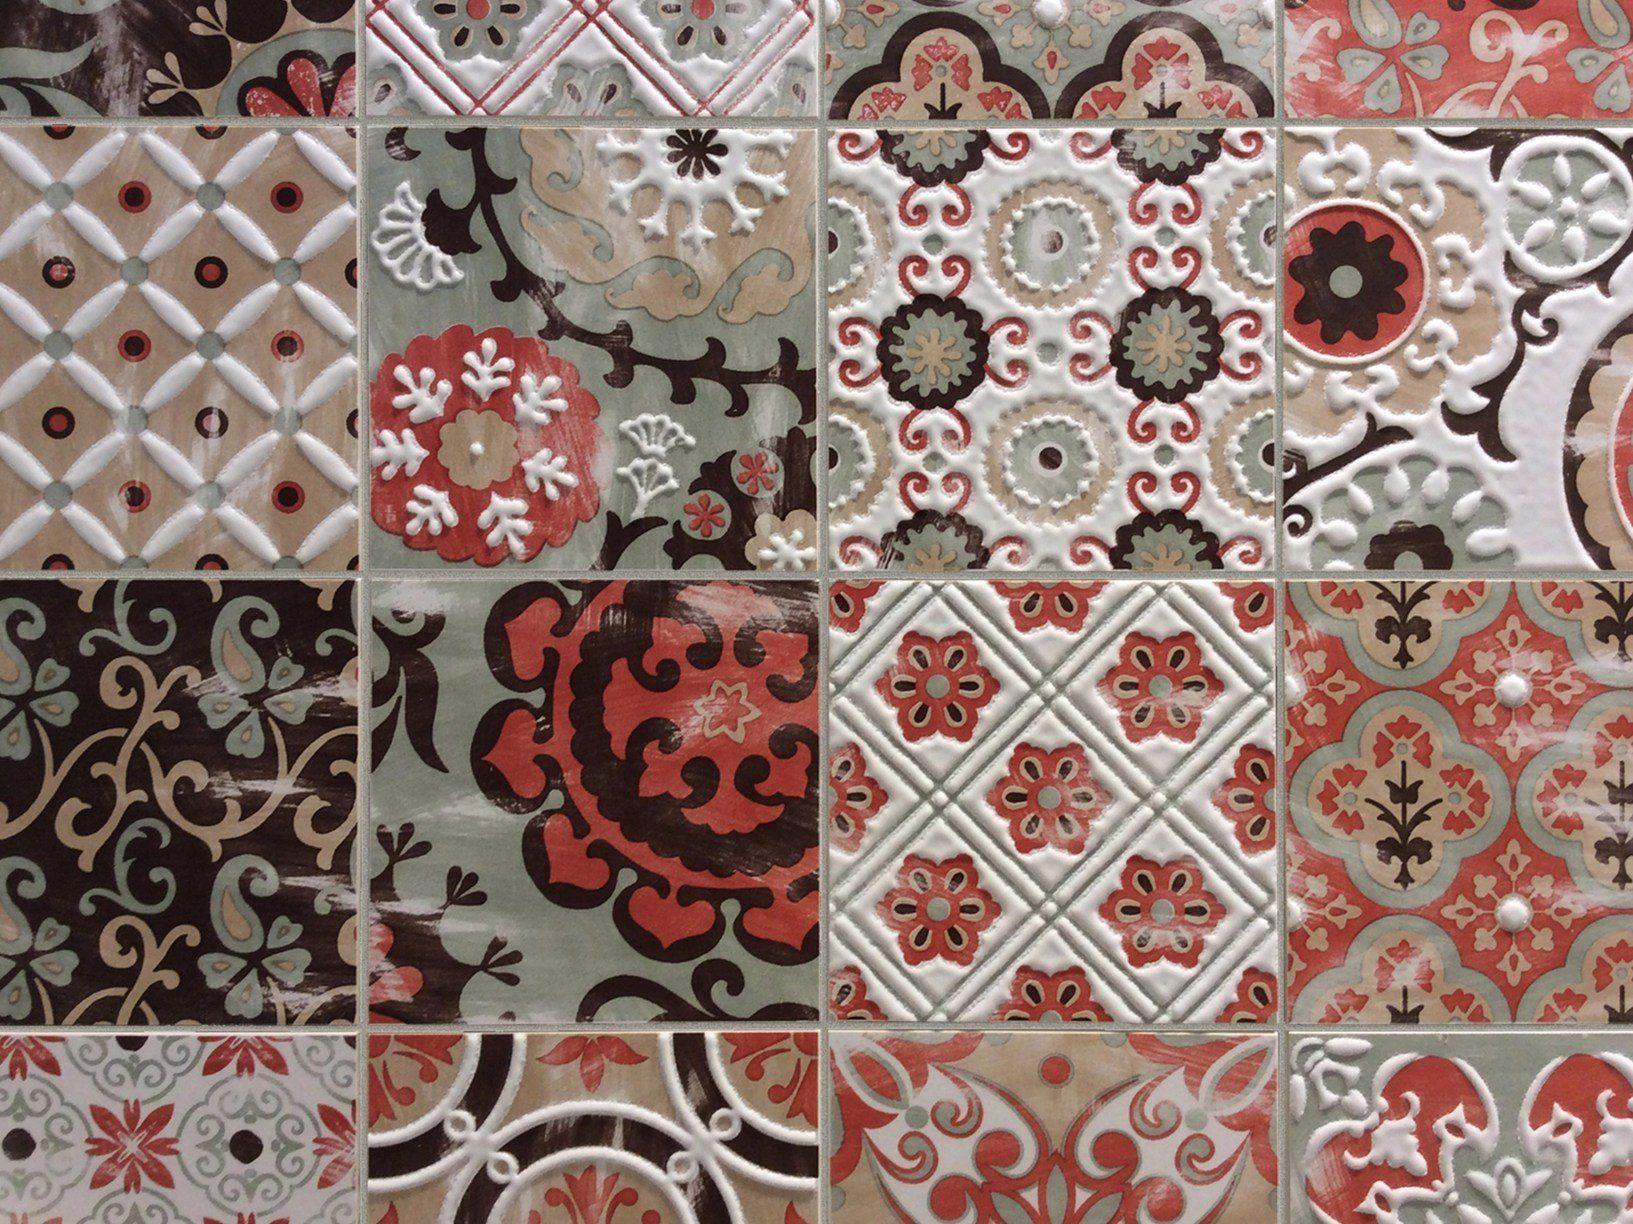 Piastrelle stile siciliano rinascimento annunci sicilia kijiji annunci di ebay piastrelle - Piastrelle siciliane decorate ...